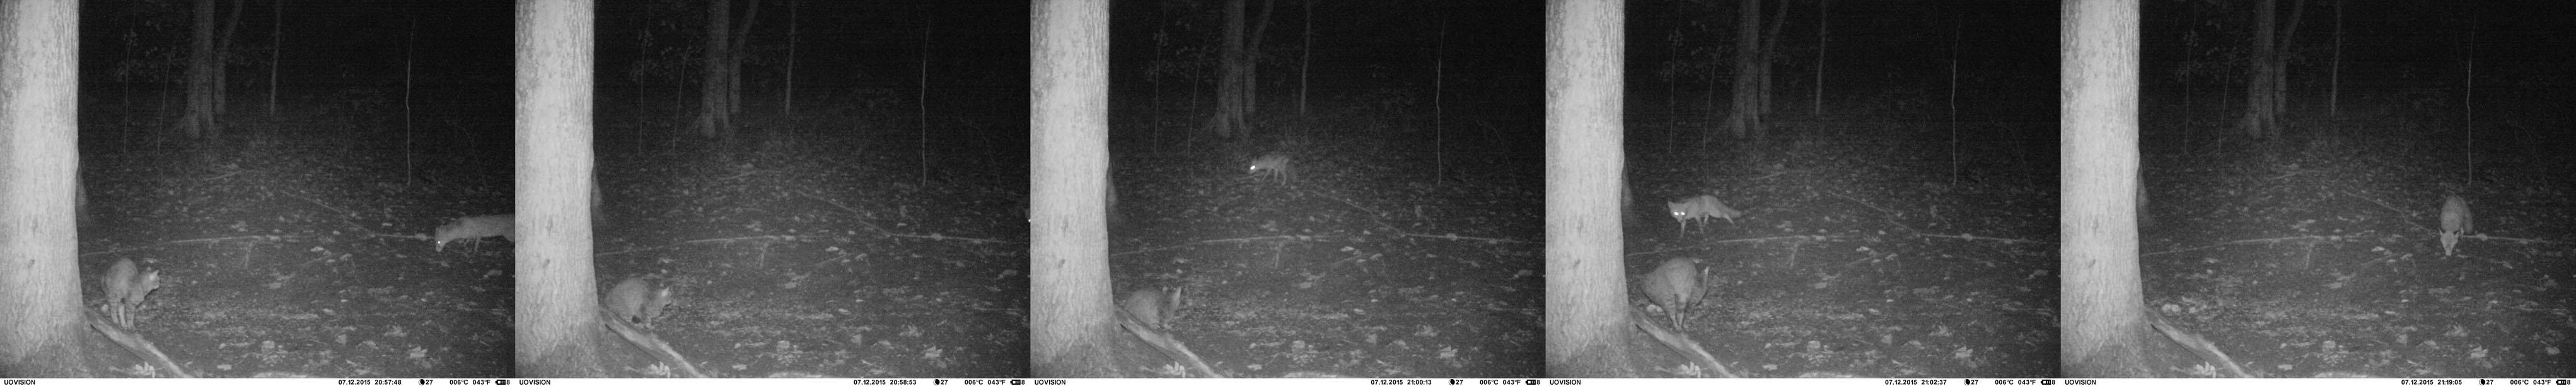 Napjaté večerní setkání kočky s liškou